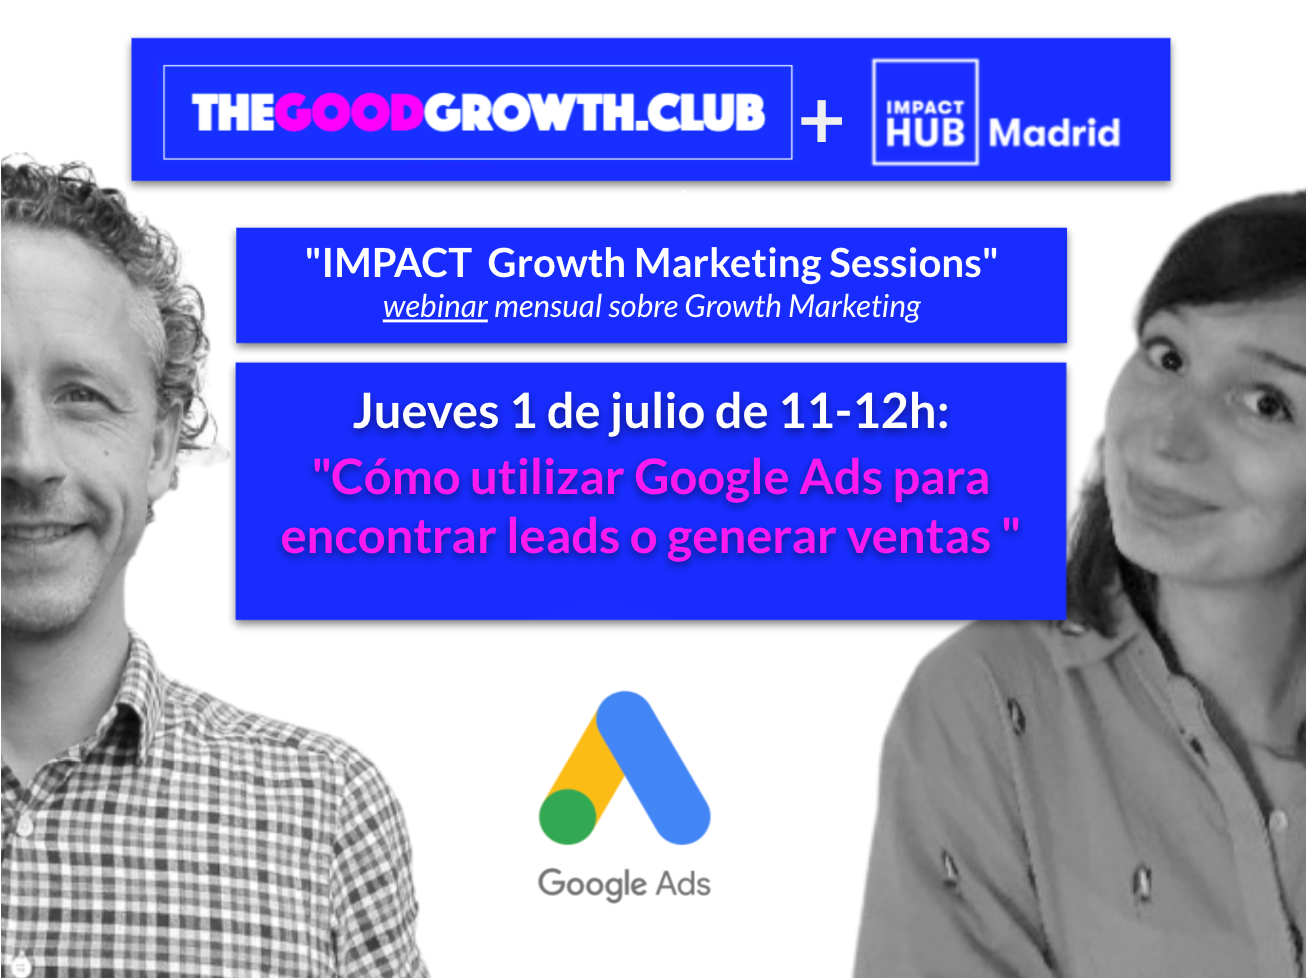 The Good Growth .club: Sesión sobre Google Ads